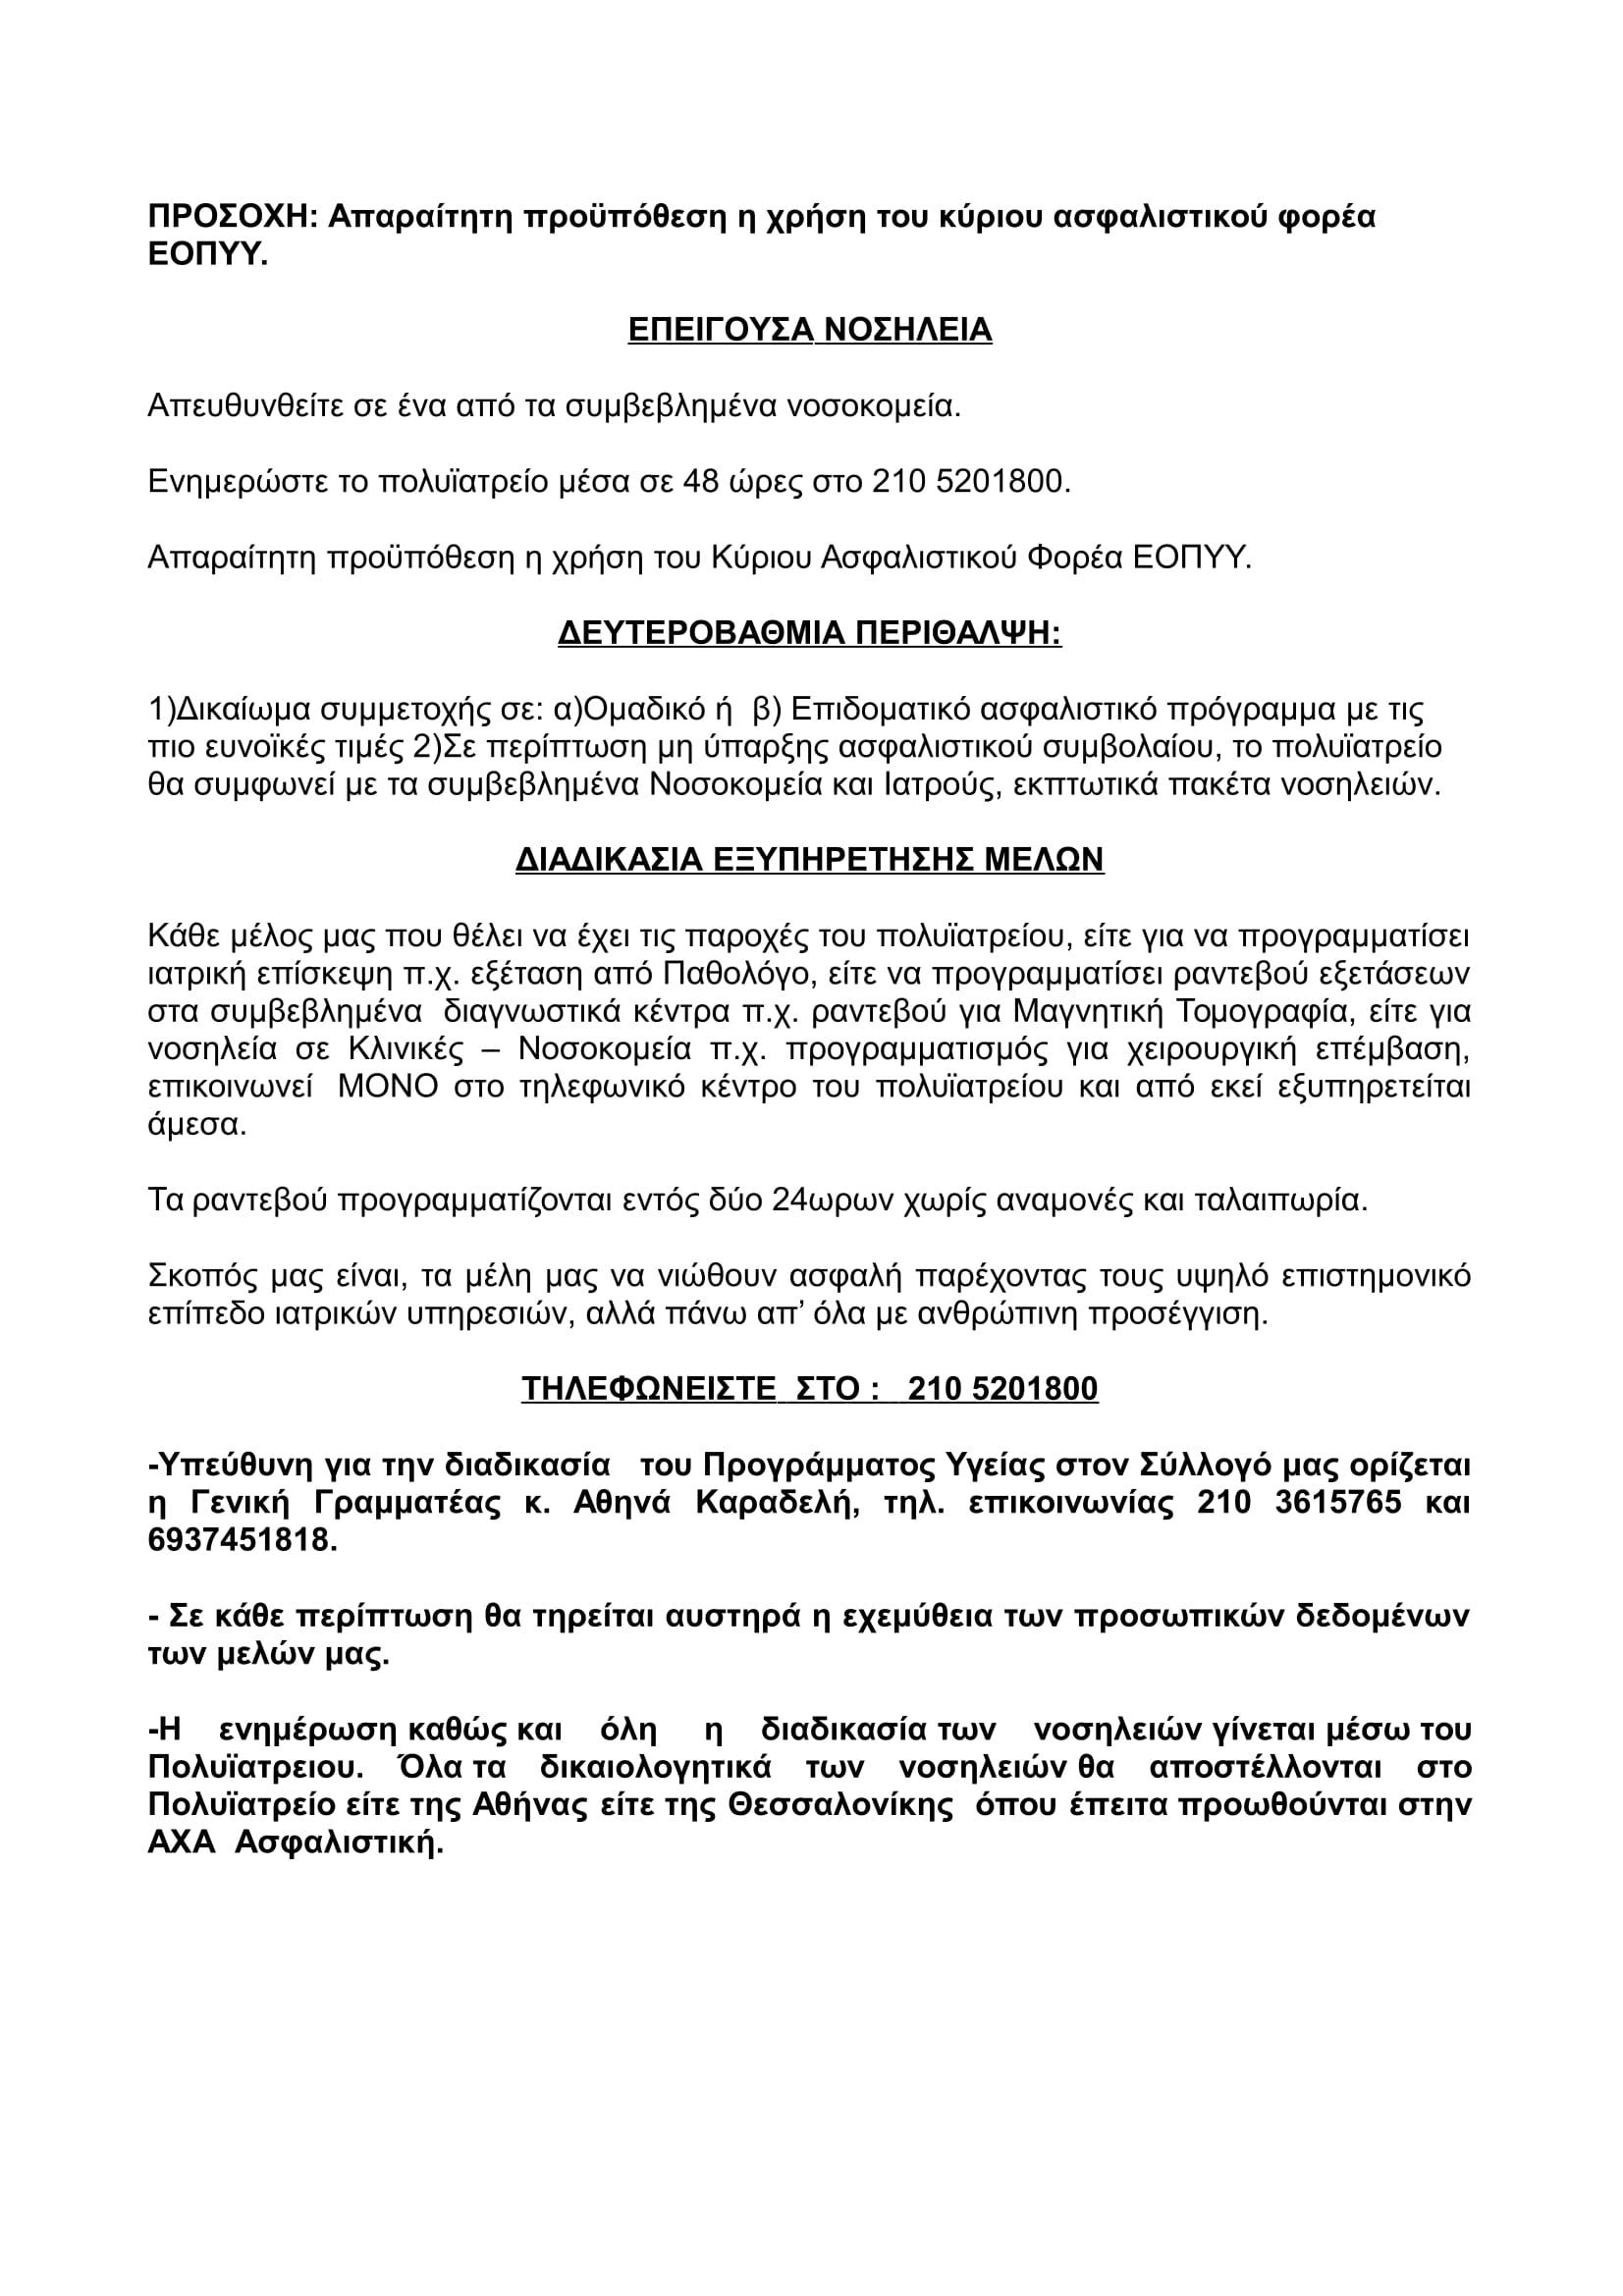 ΑΝΑΝΕΩΜΕΝΟ ΣΗΜΑΝΤΙΚΕΣ ΣΥΝΕΡΓΑΣΙΕΣ ΤΕΛΙΚΟ-7